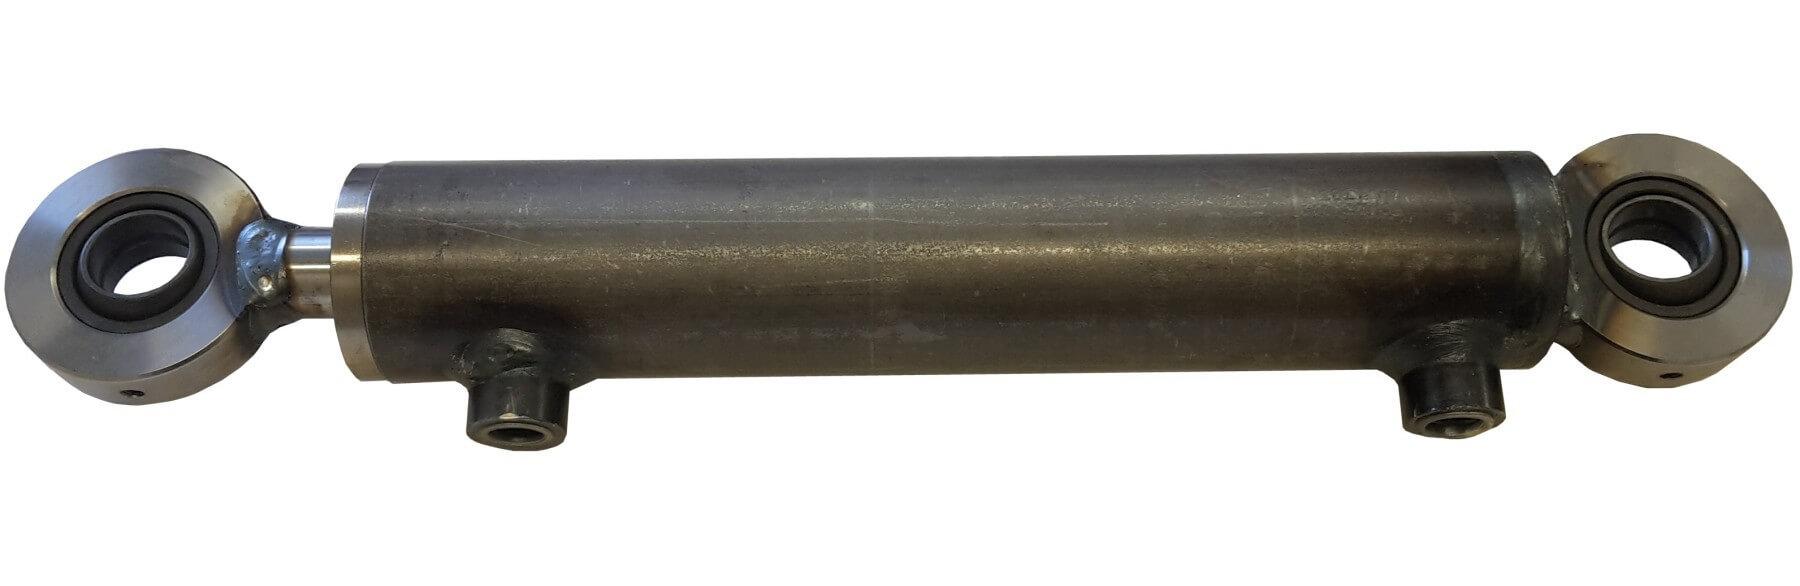 Hydraulisylinteri CL 70. 40. 350 GE - Kailatec Oy Verkkokauppa